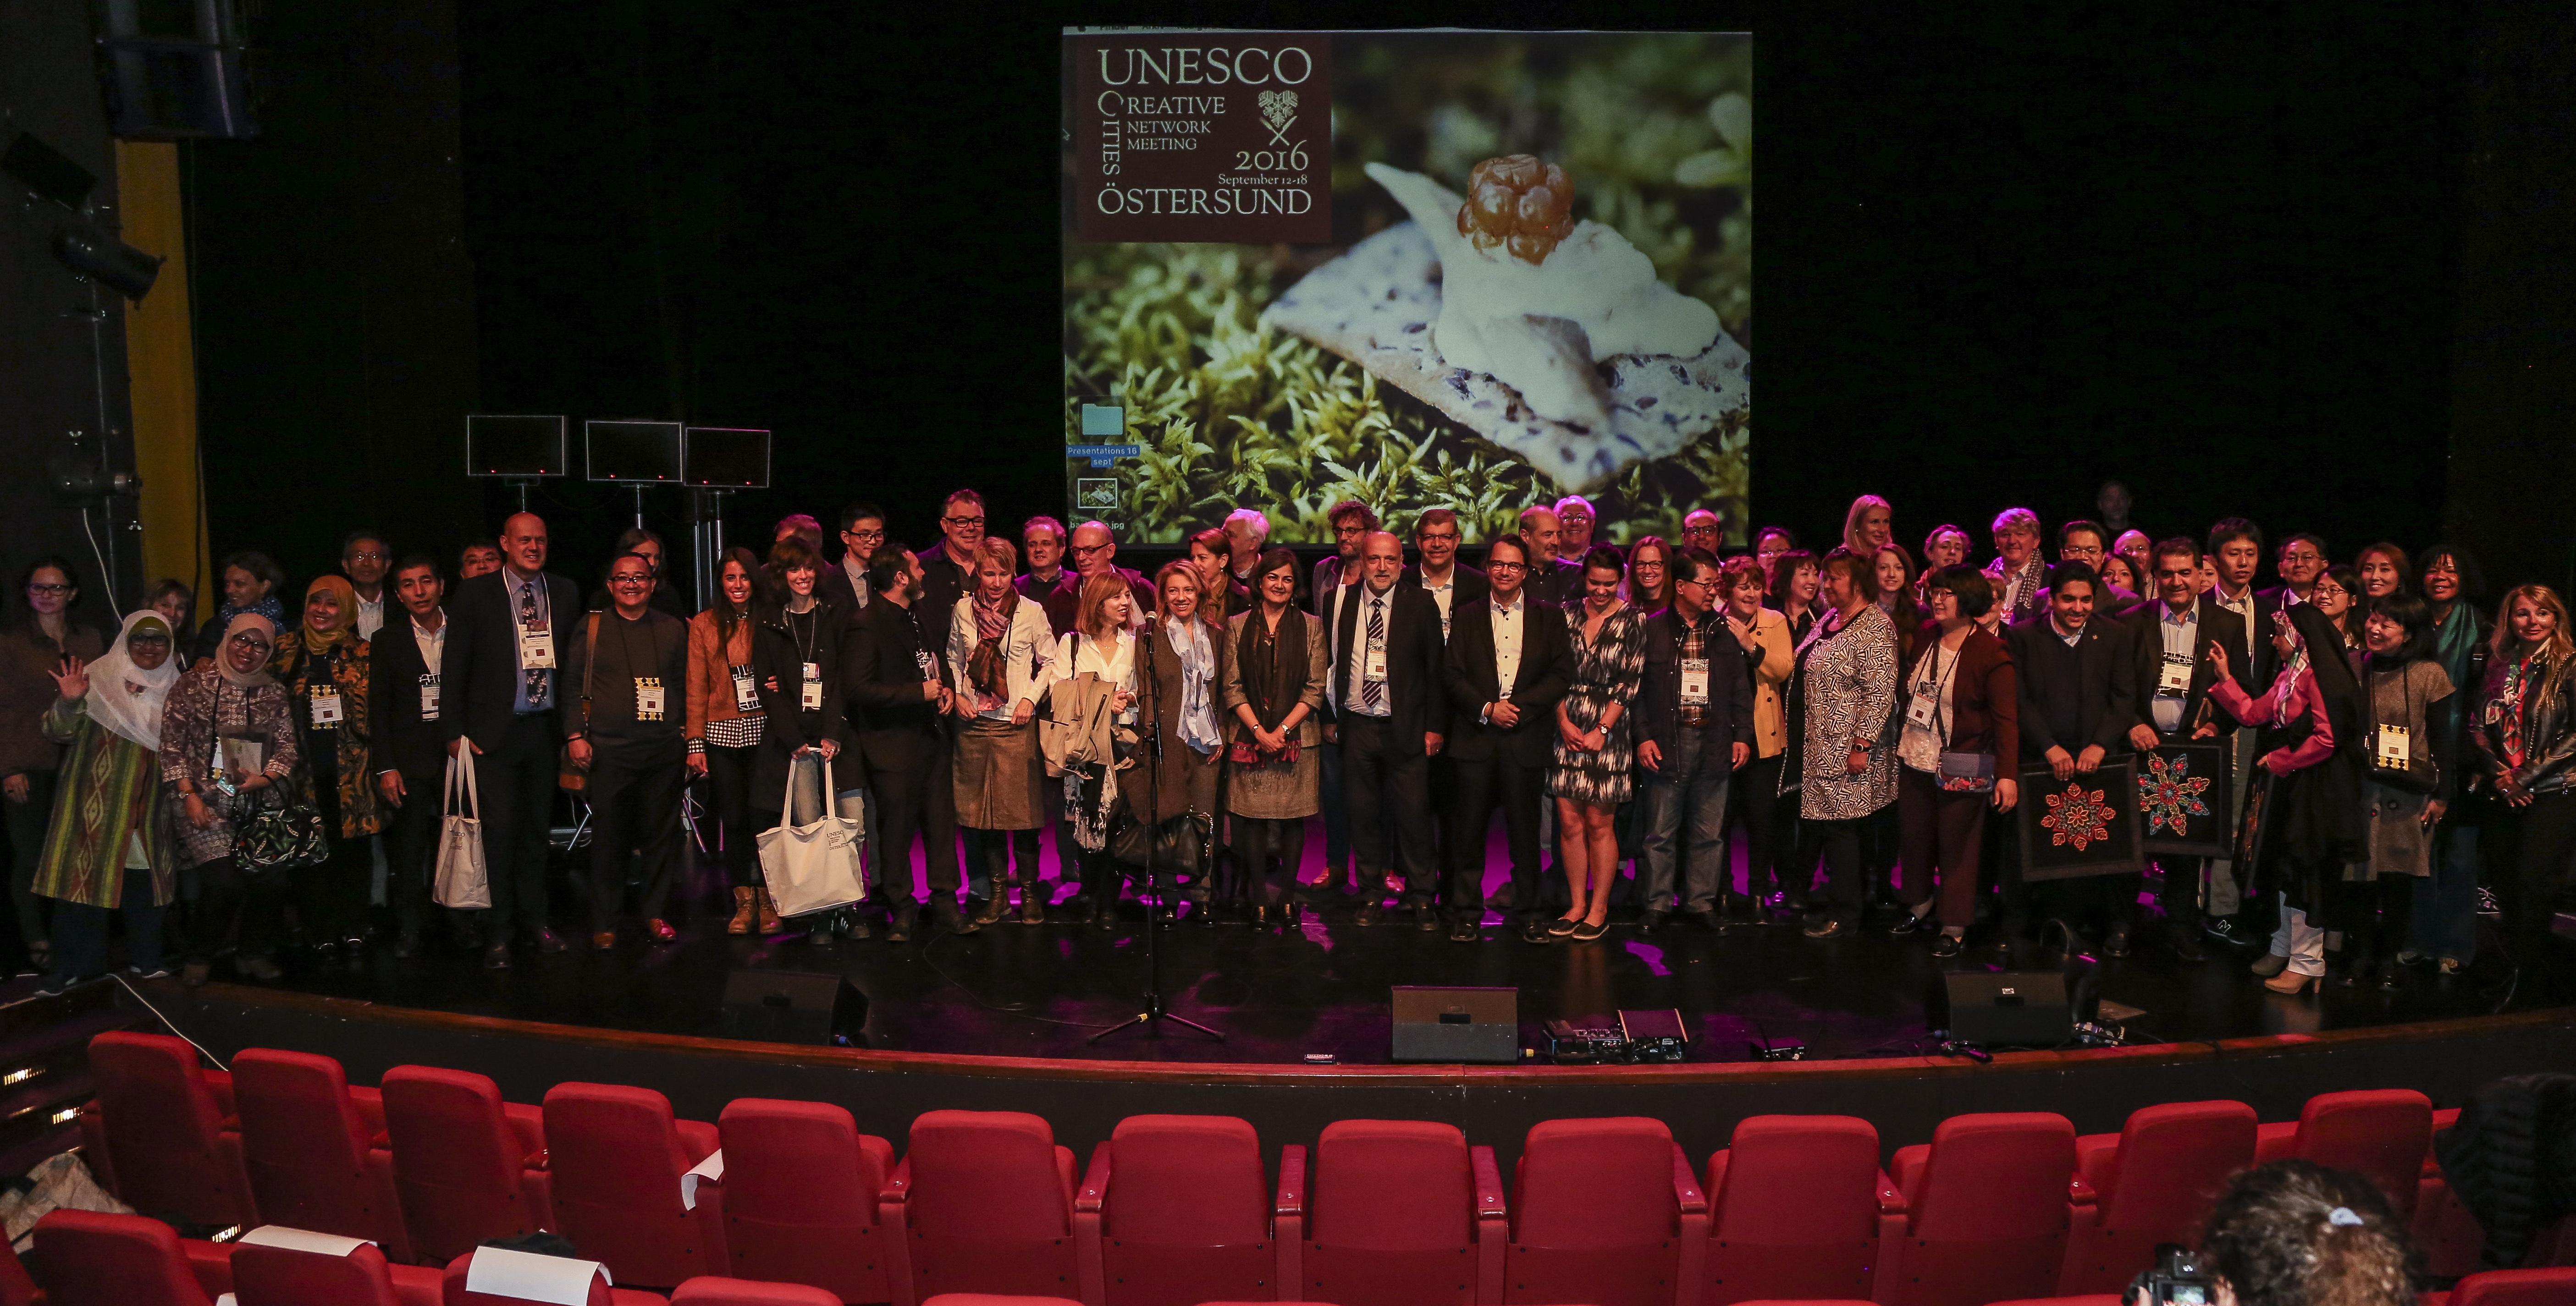 Bild från 2016 då Östersund och Region Jämtland Härjedalen arrangerade UCCN:s årsmöte, som resulterade i mycket internationell uppskattning